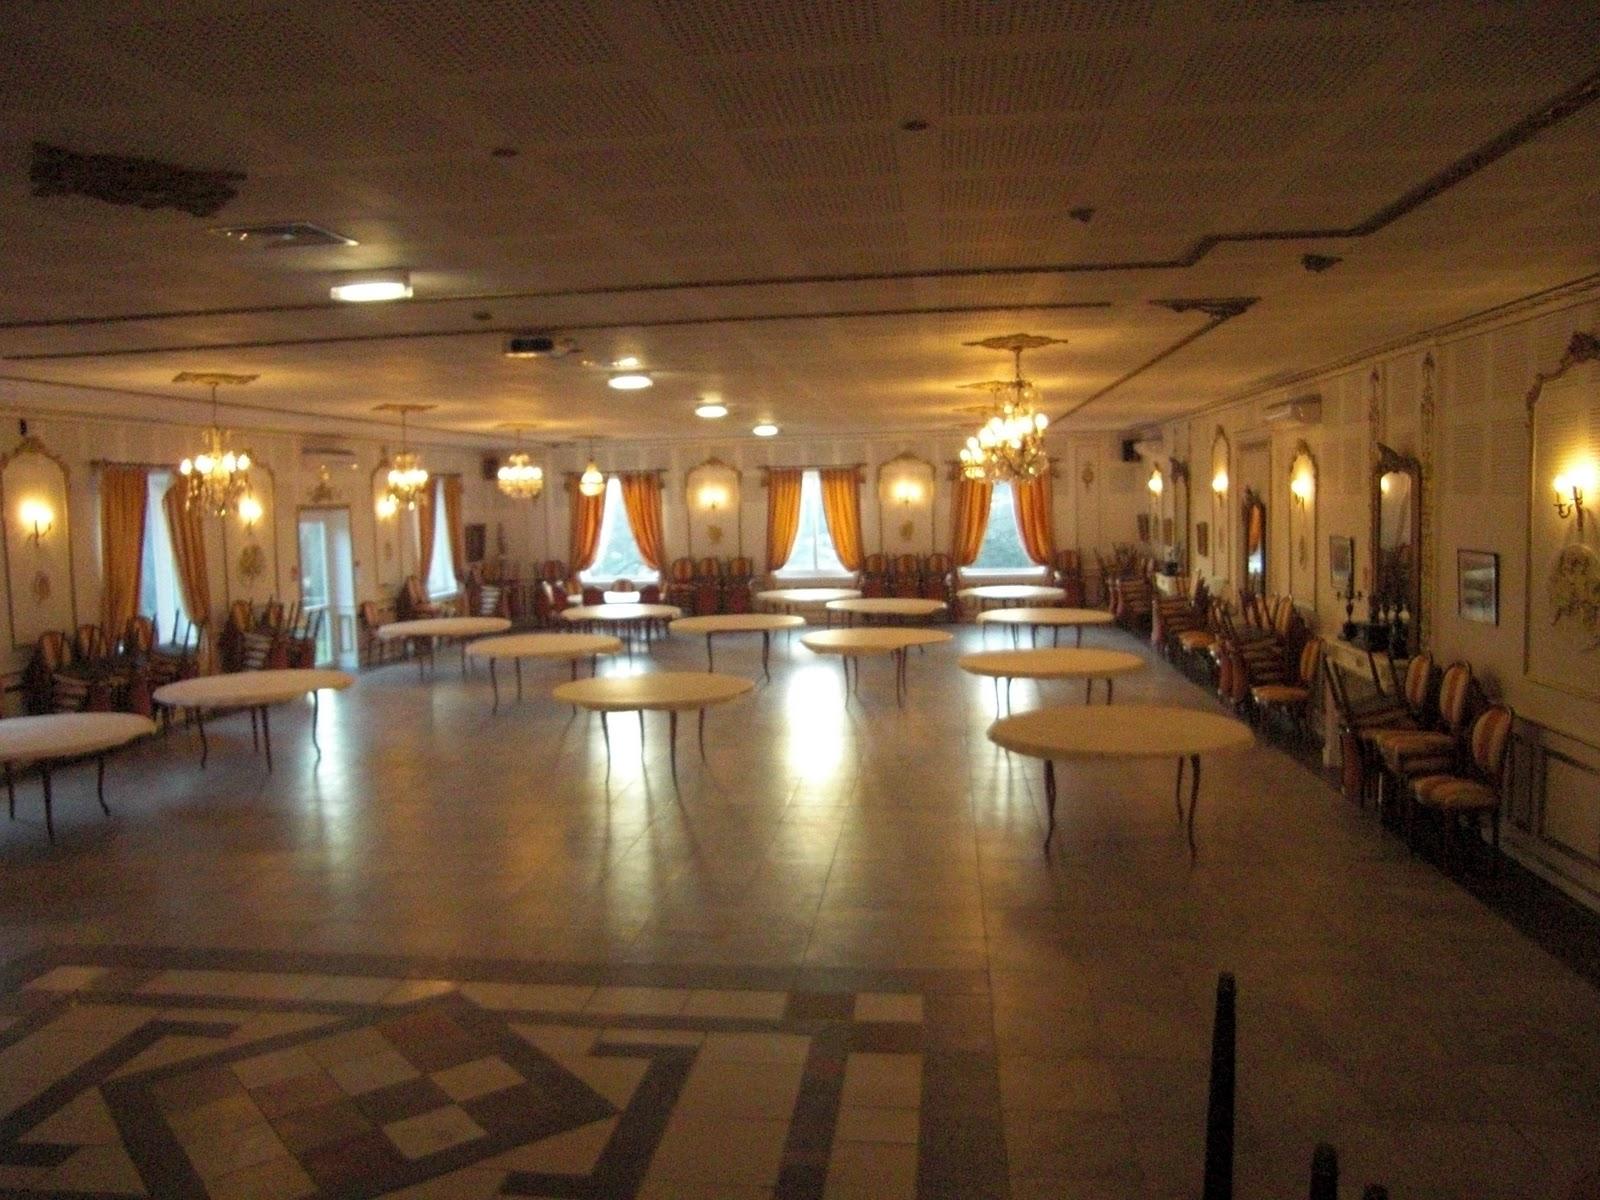 Hotel Chapelle Des Bois - Mariage7mai2011 Salle Le Ch u00e2teau de la chapelle des bois Fleurie